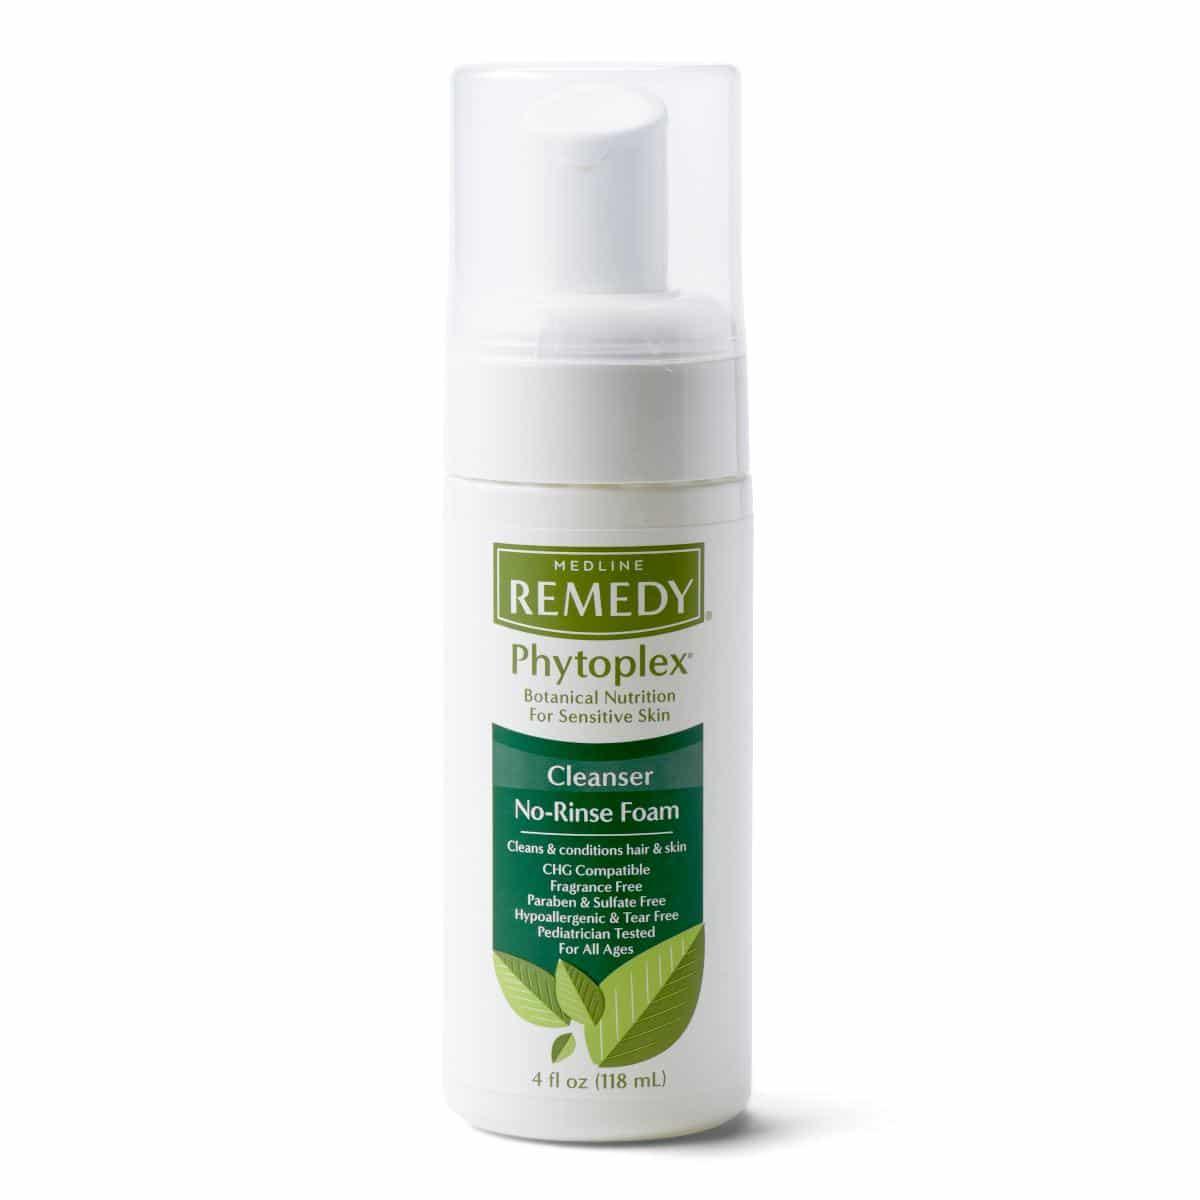 Medline MSC092104UN Remedy Phytoplex Hydrating Cleansing Foam Canada